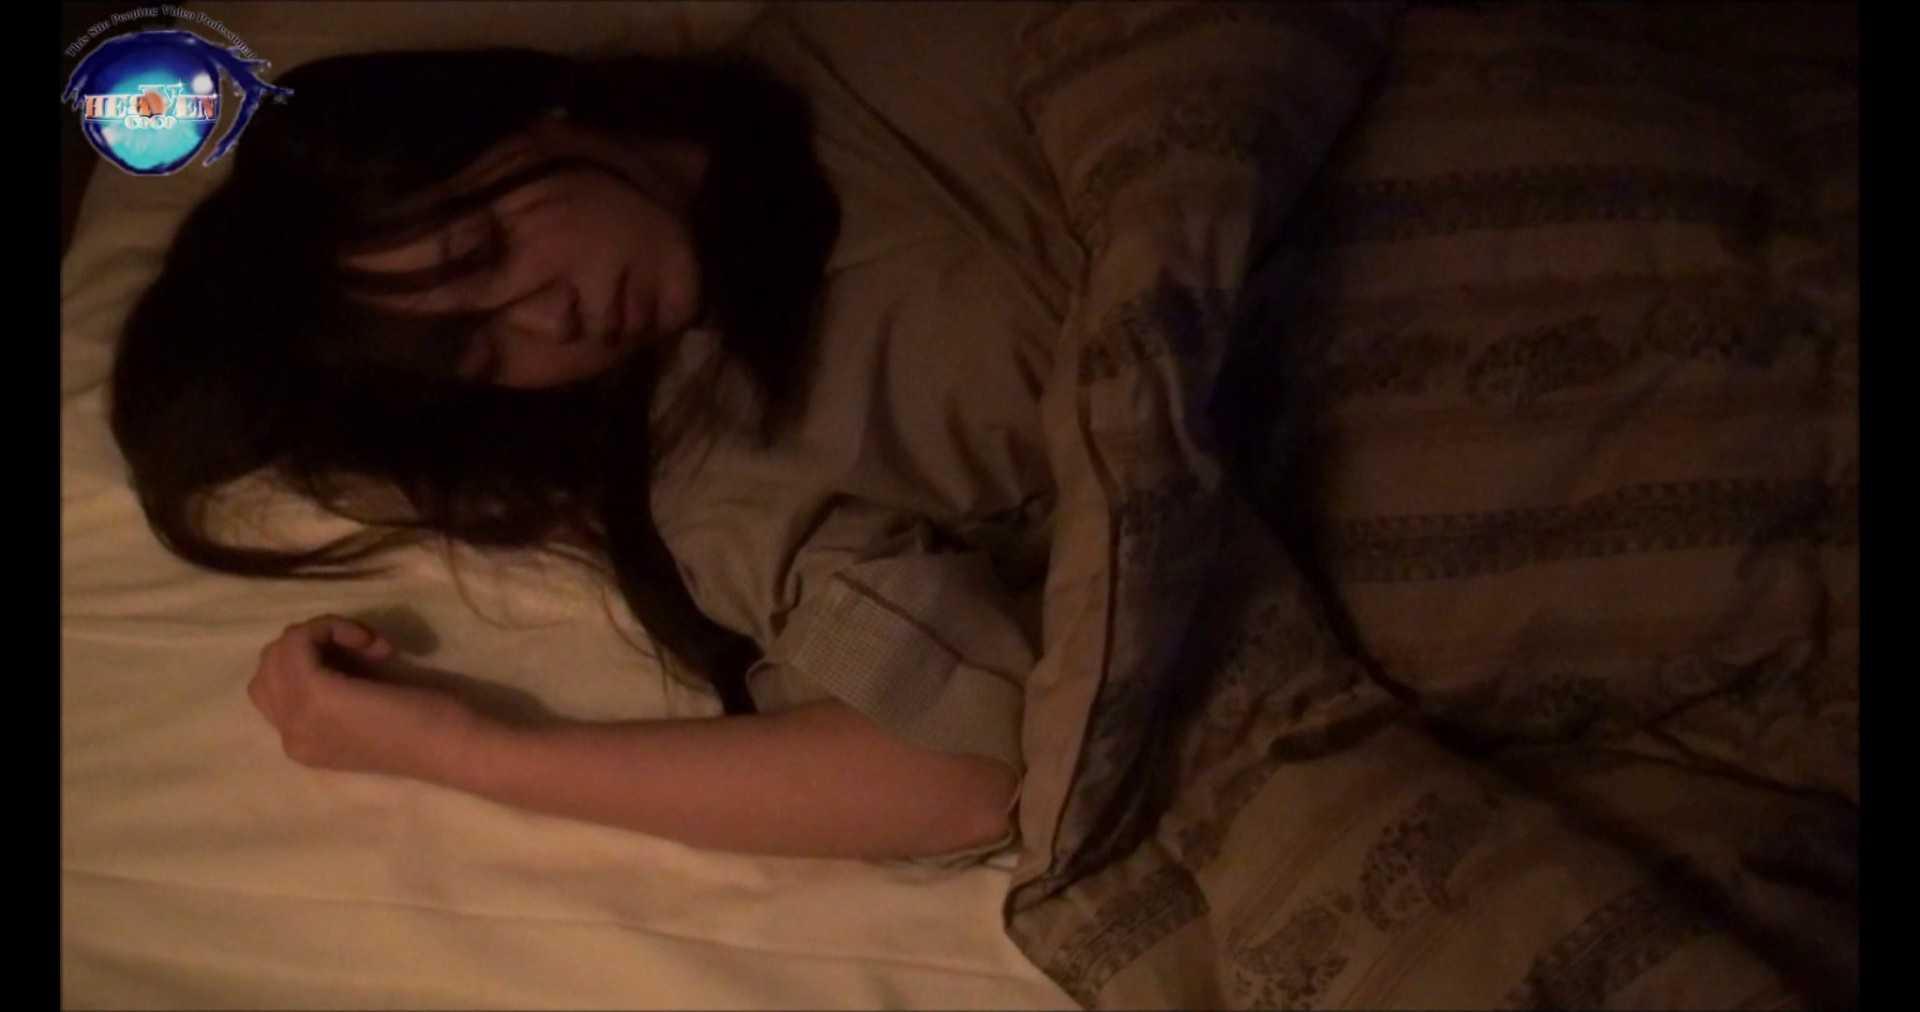 睡魔 シュウライ 第五弐話 前編 巨乳 覗きおまんこ画像 104pic 2